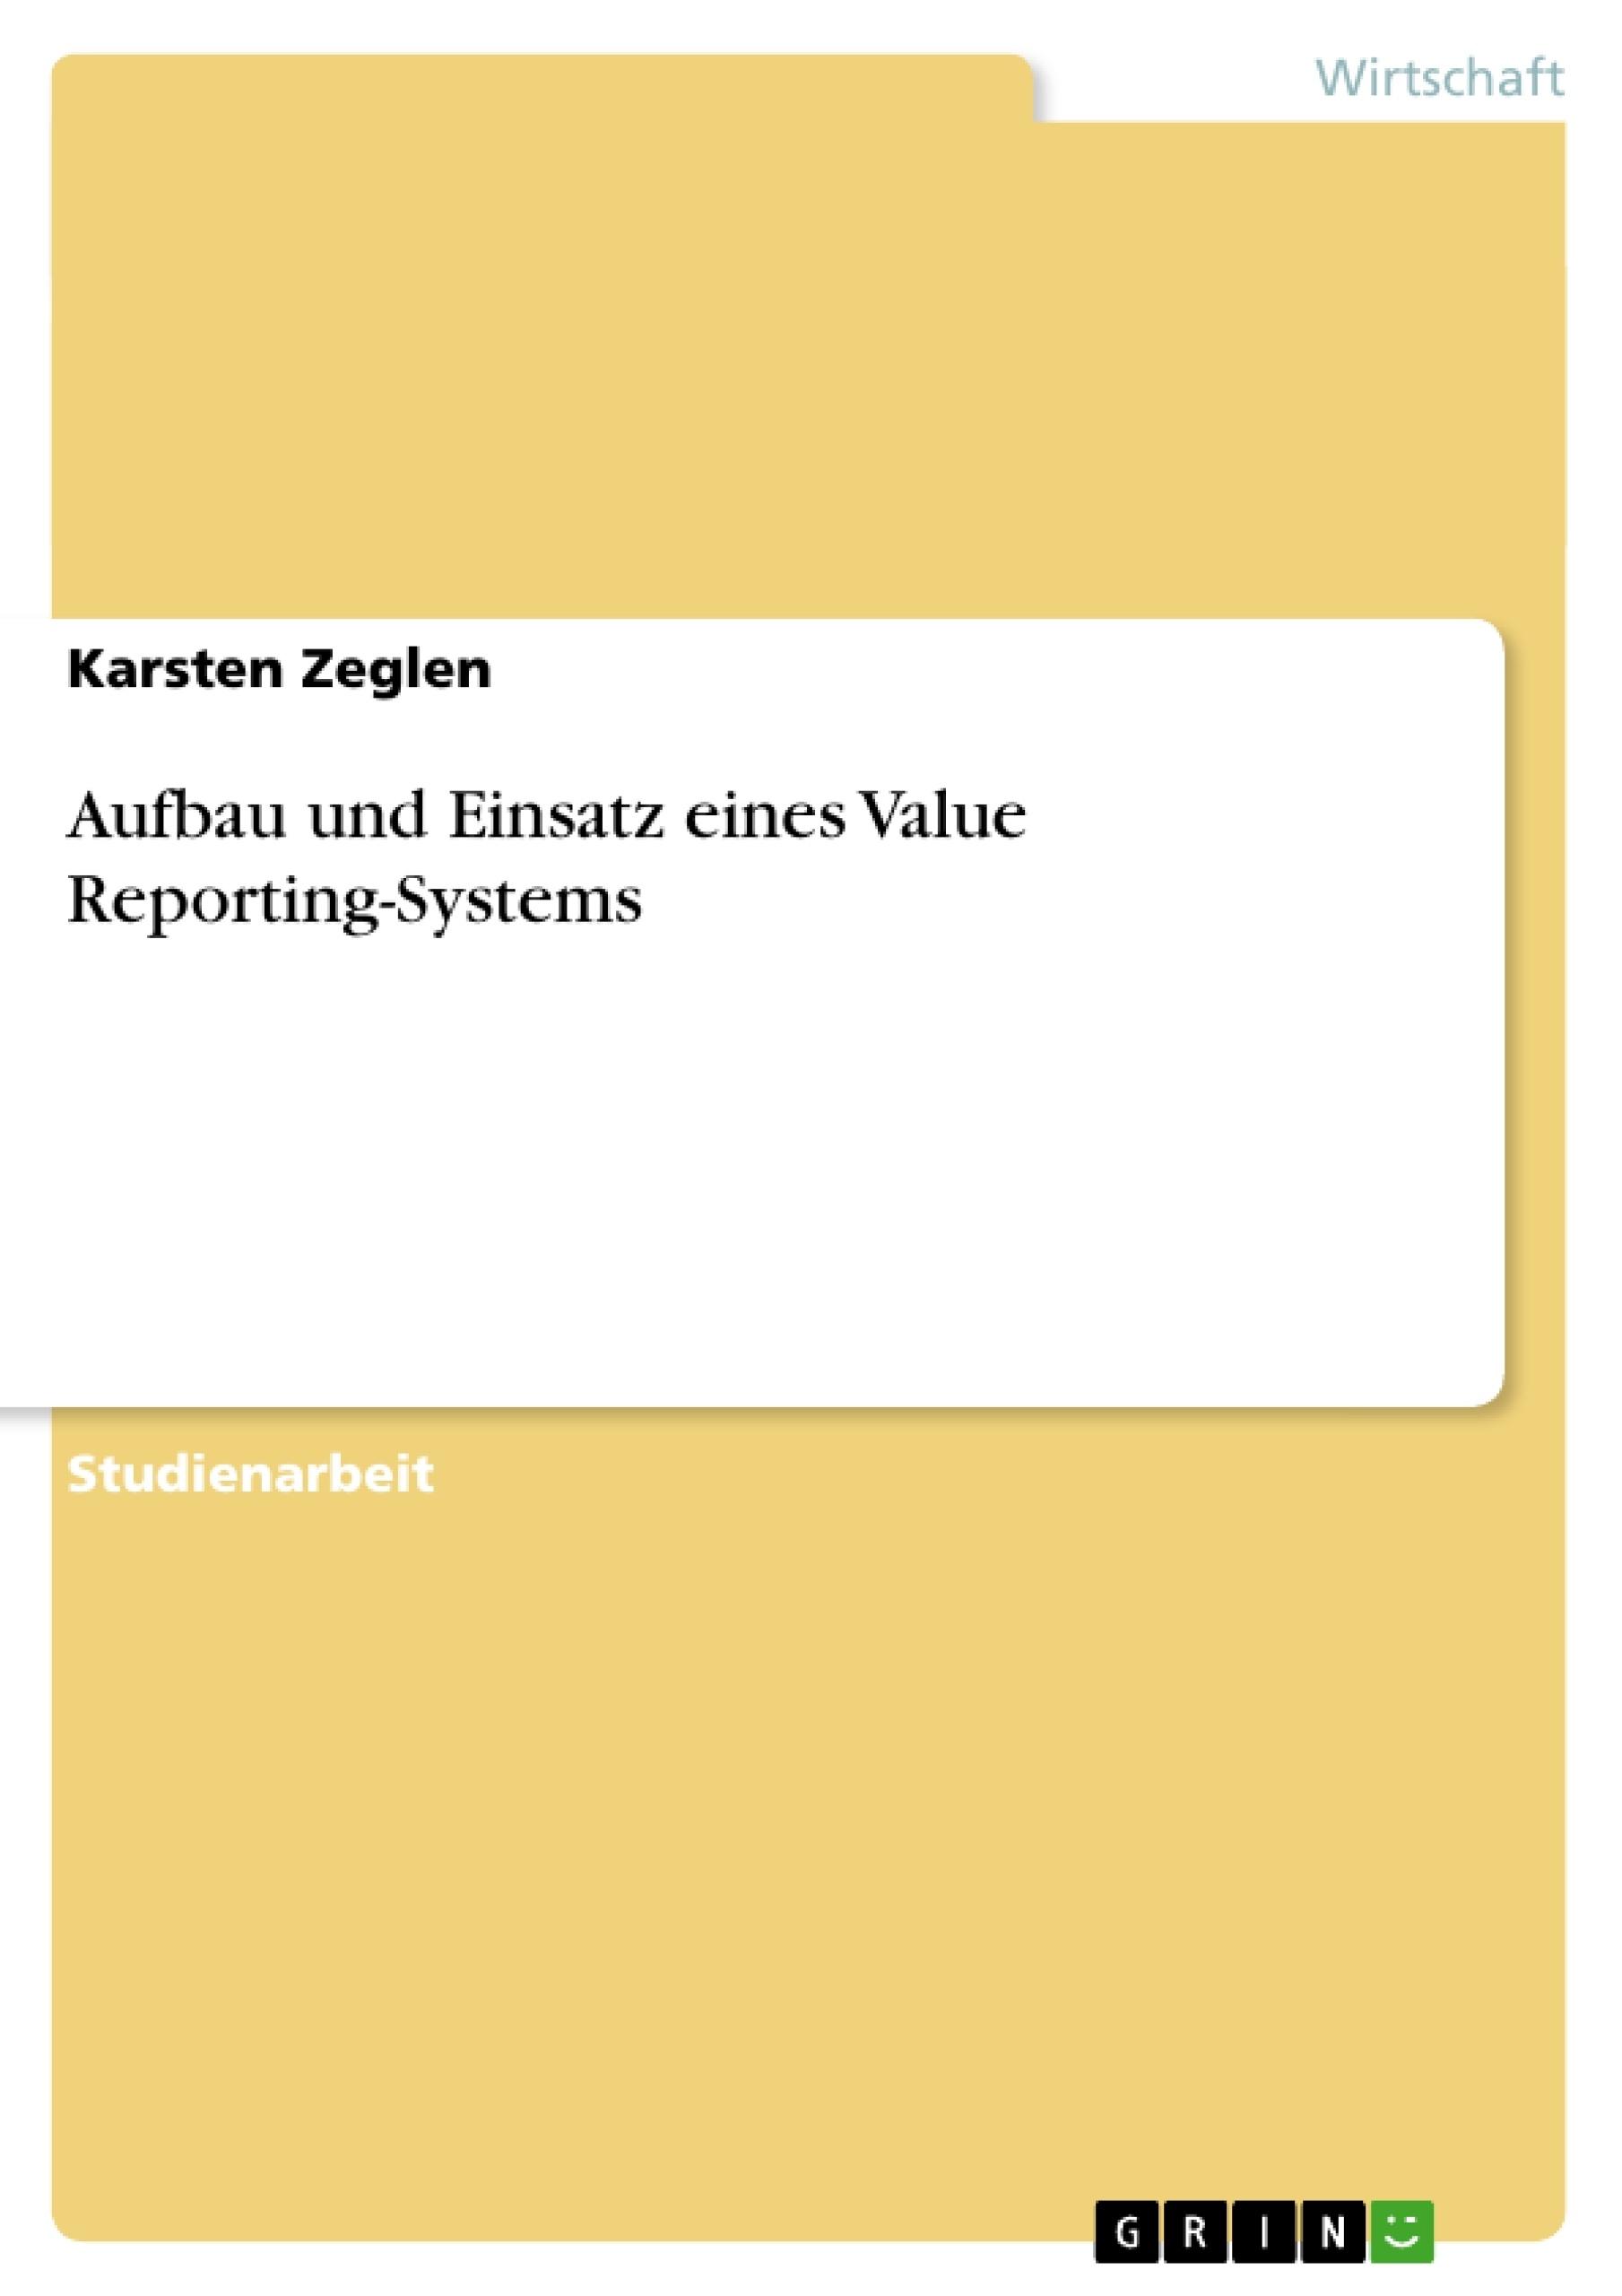 Titel: Aufbau und Einsatz eines Value Reporting-Systems